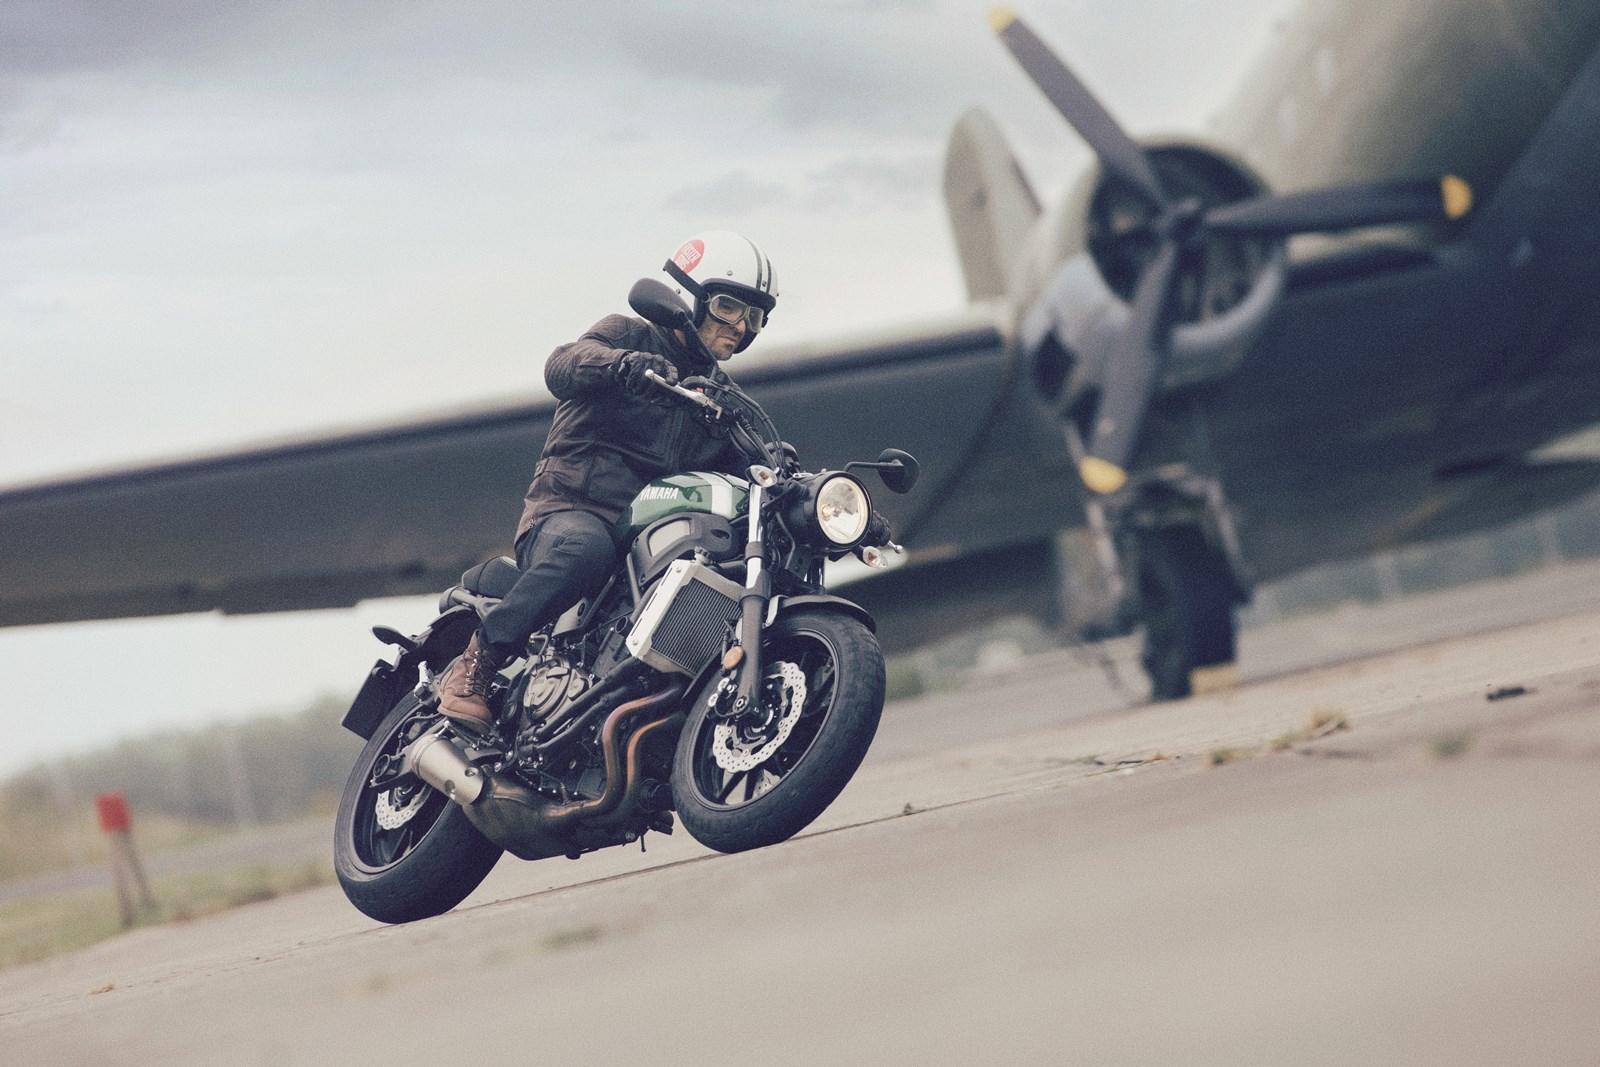 Foto de Yamaha XSR700 en acción y detalles (1/41)